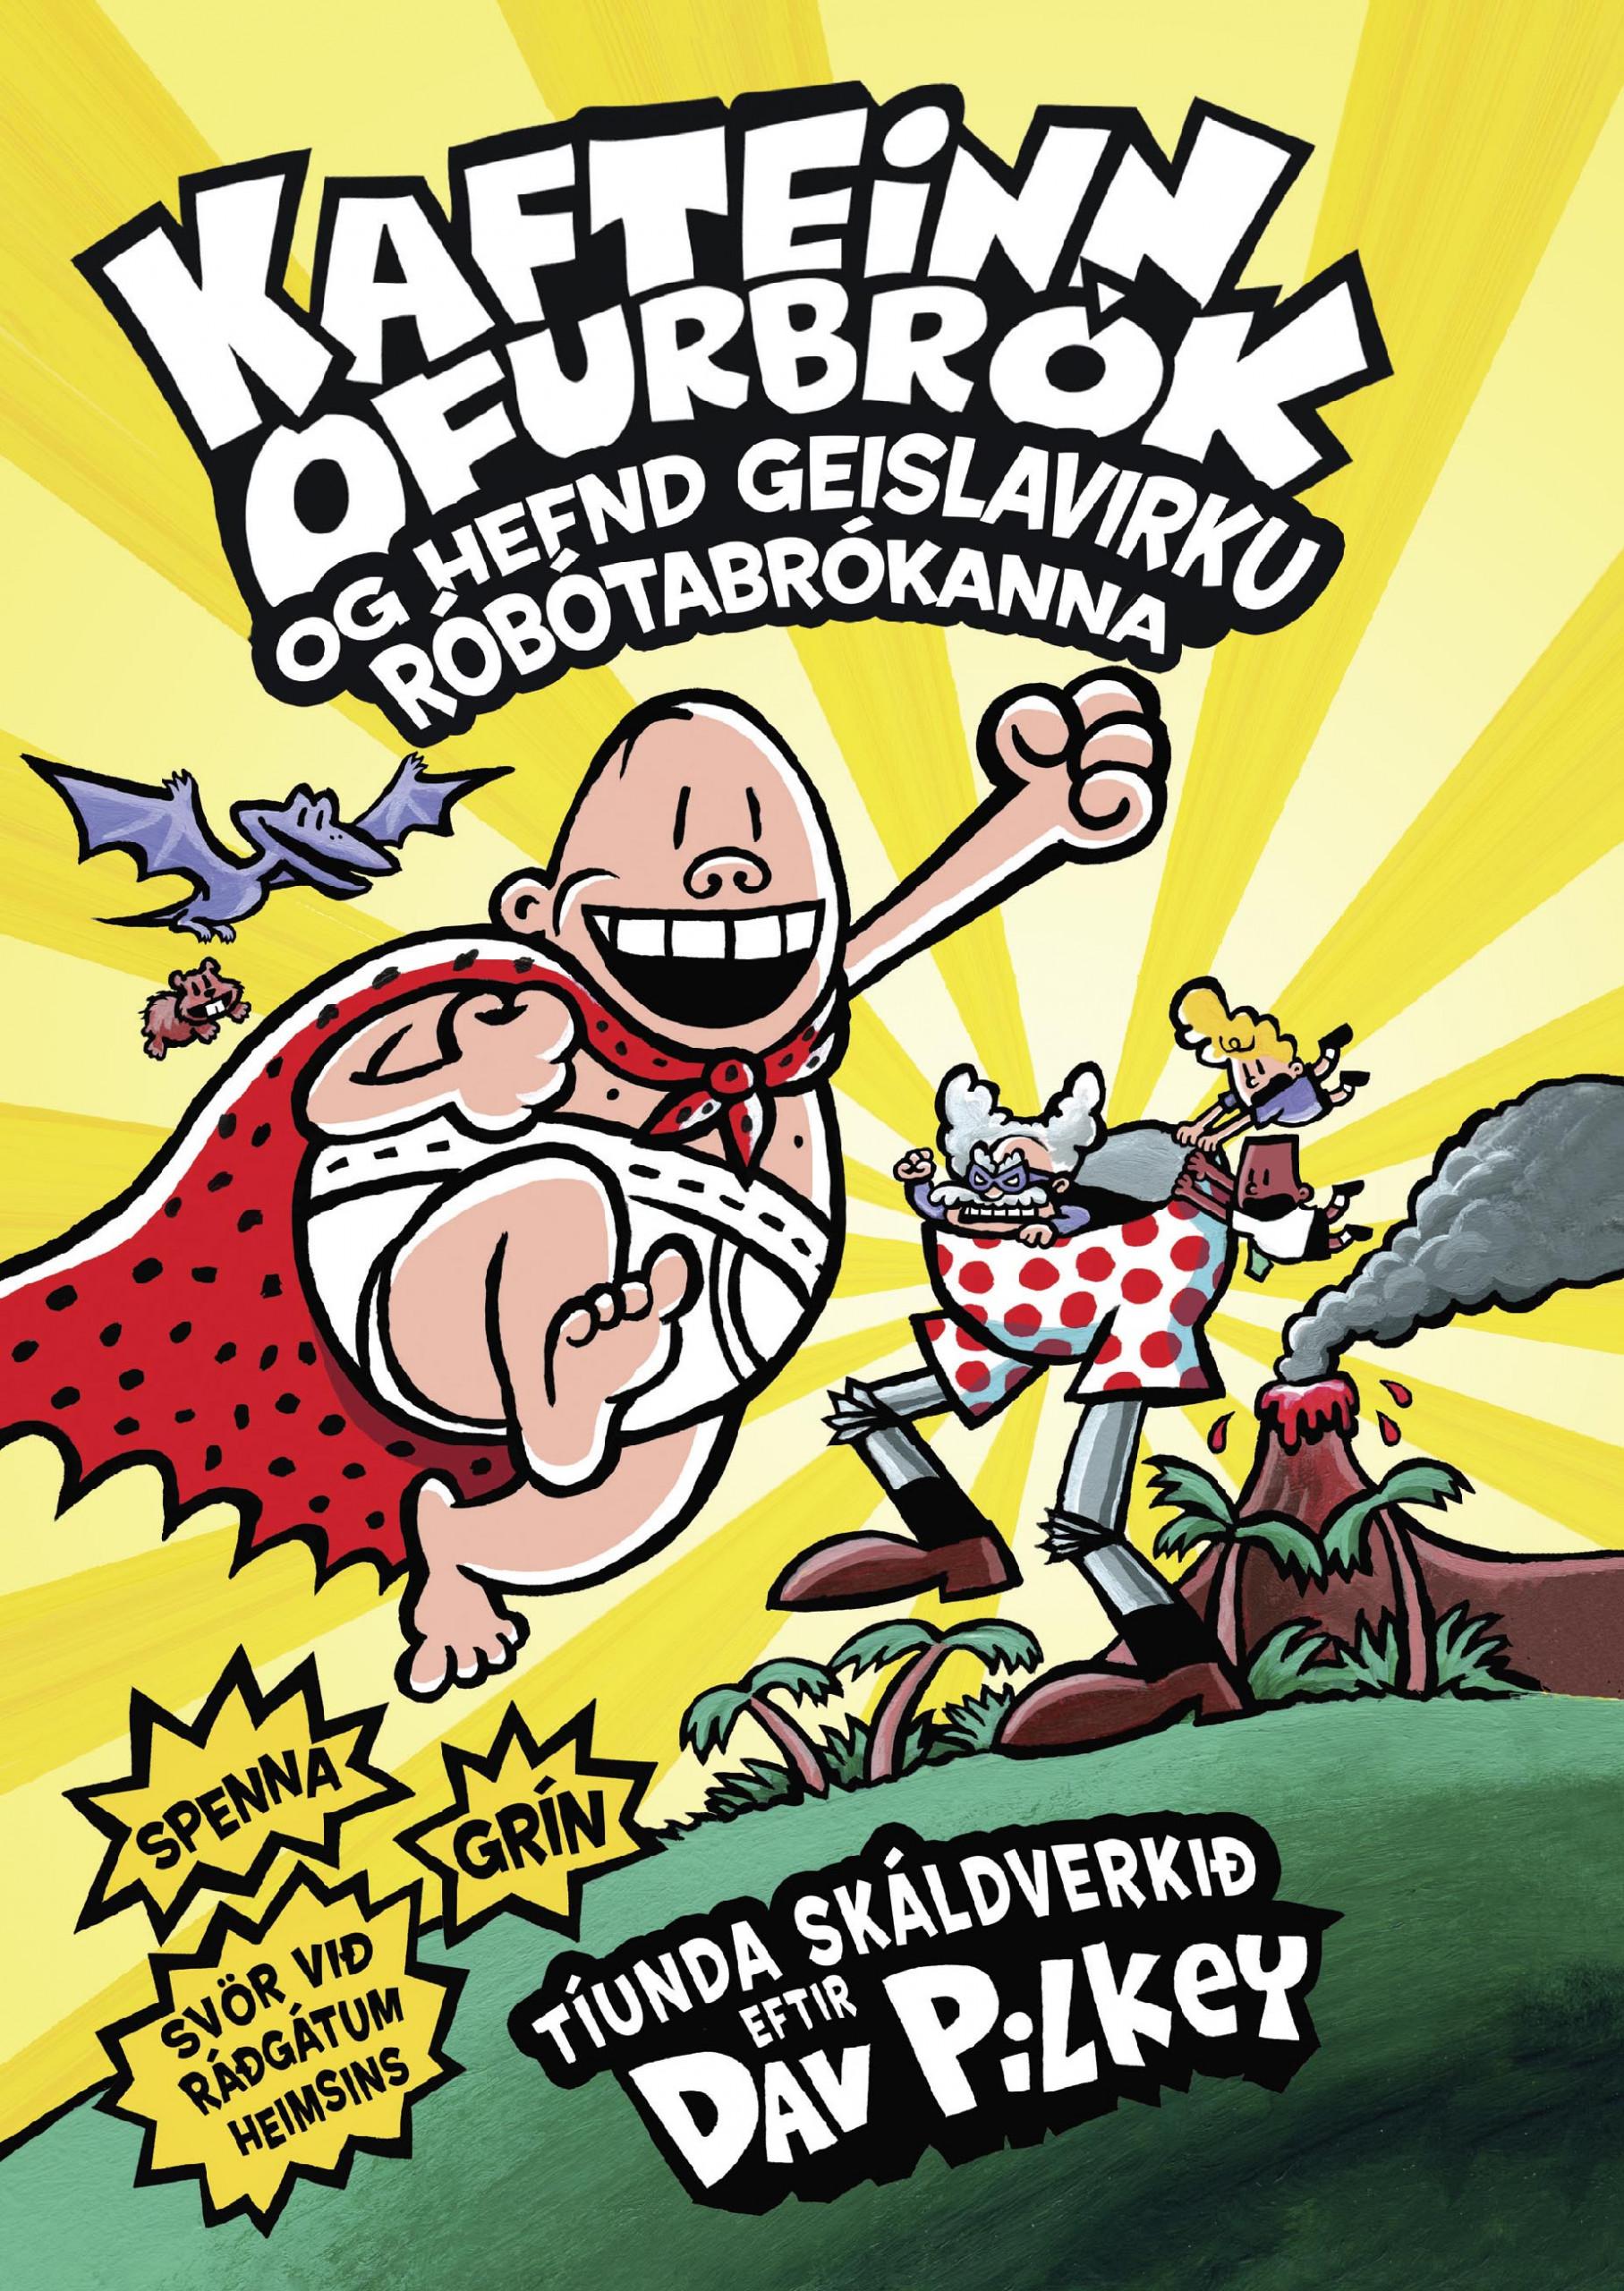 Úkk og Glúkk – Ævintýri kúng-fú-hellisbúa úr framtíðinni